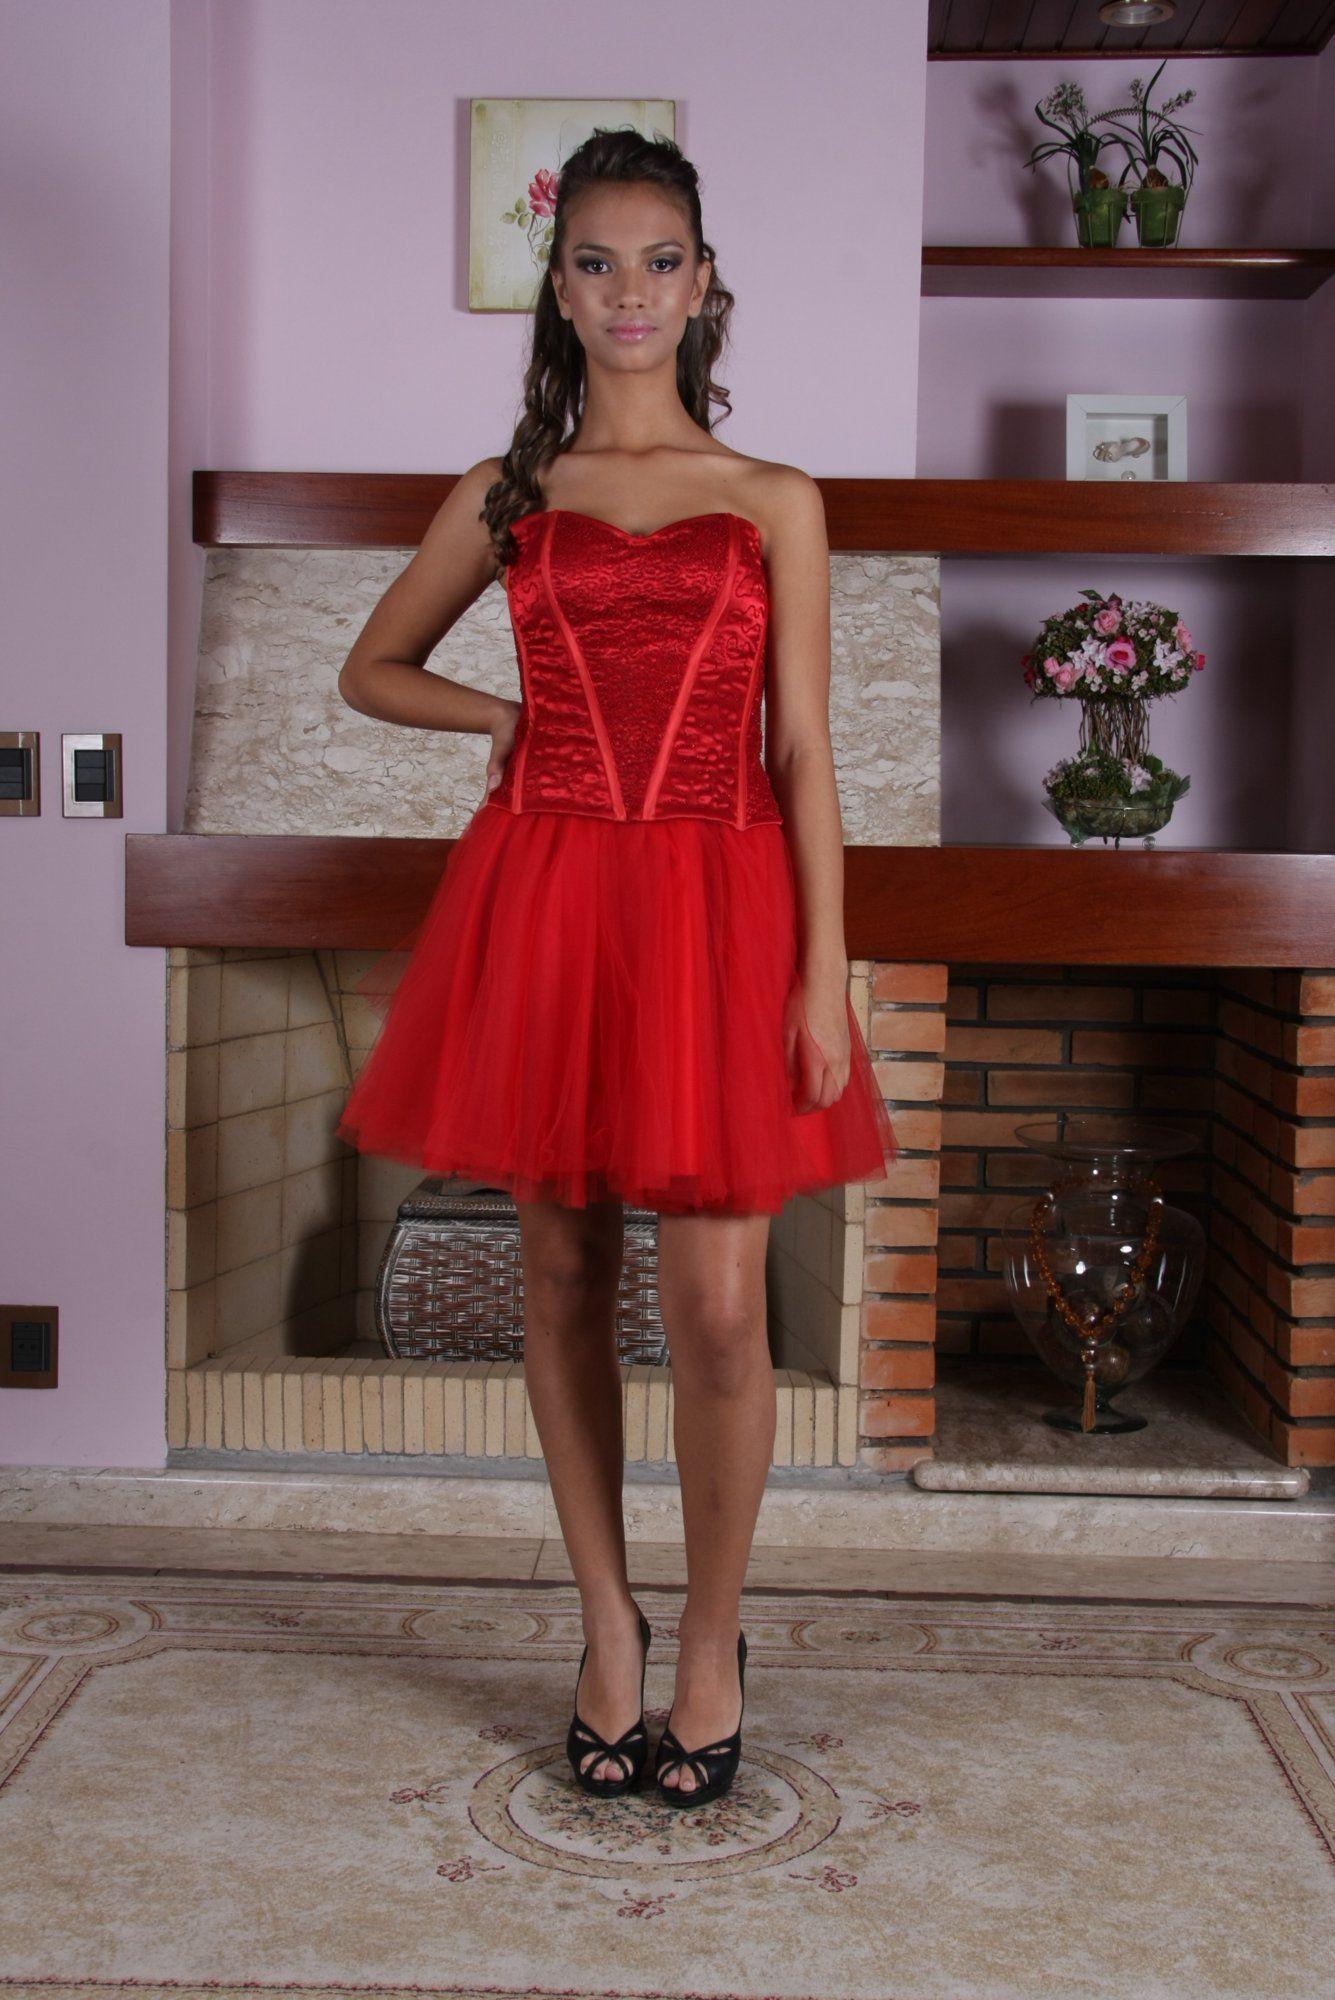 Vestido de Debutante Vermelho - 8 - Hipnose Alta Costura e Spa para Noivas e Noivos - Campinas - SP Vestido de Debutante, Vestido de Debutante Vermelho, Hipnose Alta Costura